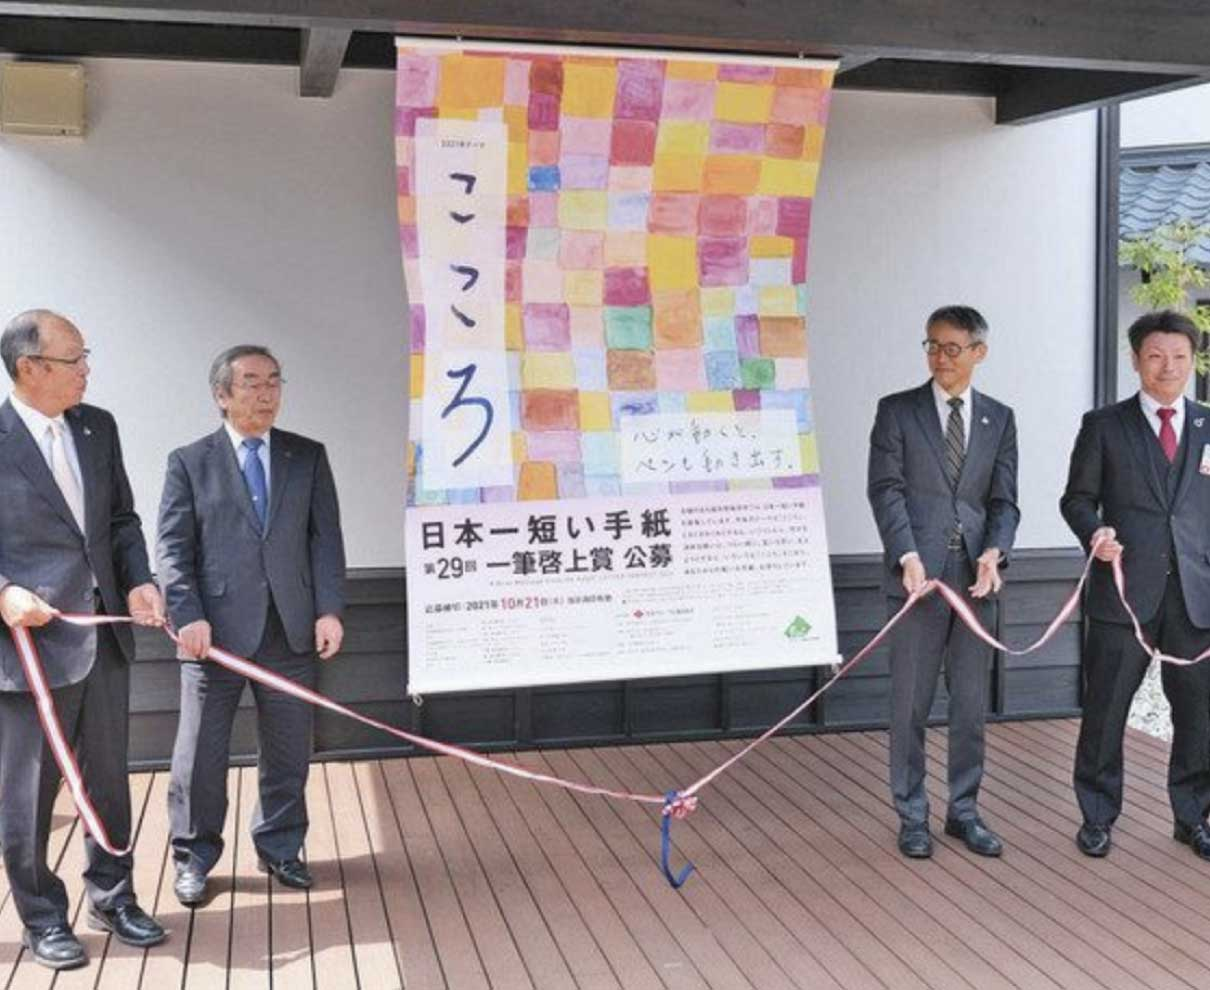 一筆啓上賞テーマ こころ 坂井市長ら懸垂幕披露 「手紙で発散を」